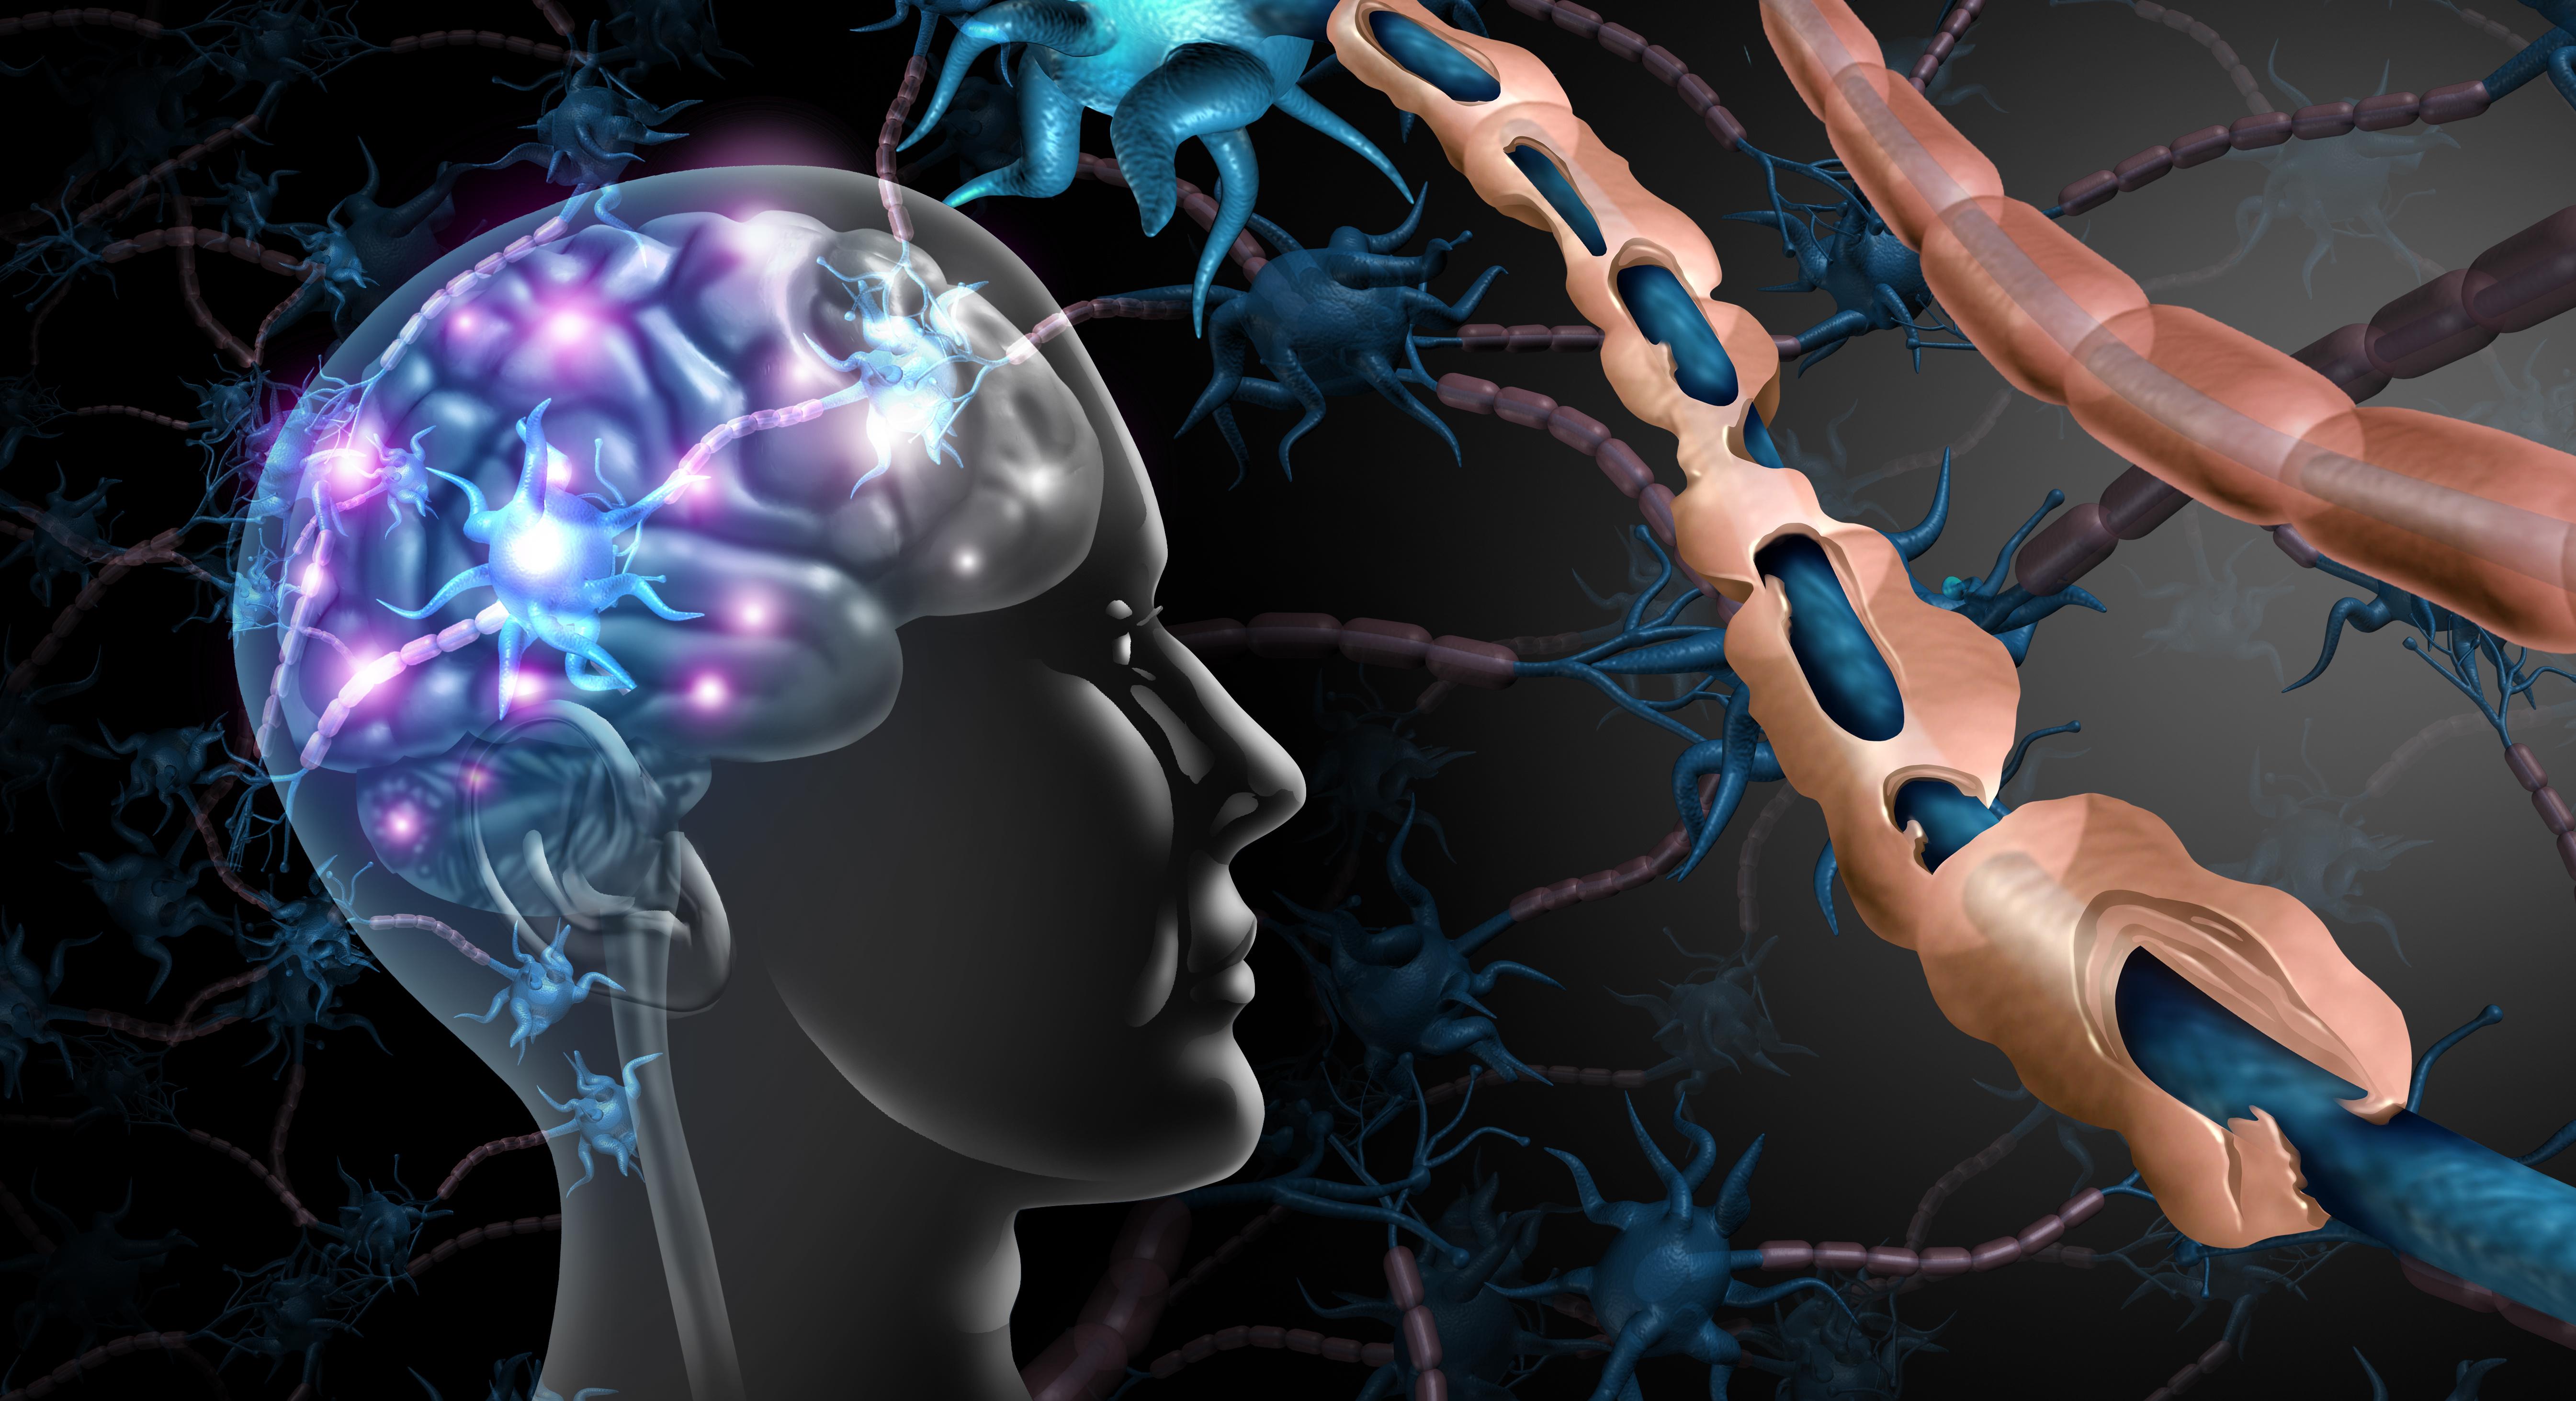 Sobre a progressão de incapacidade da esclerose múltipla